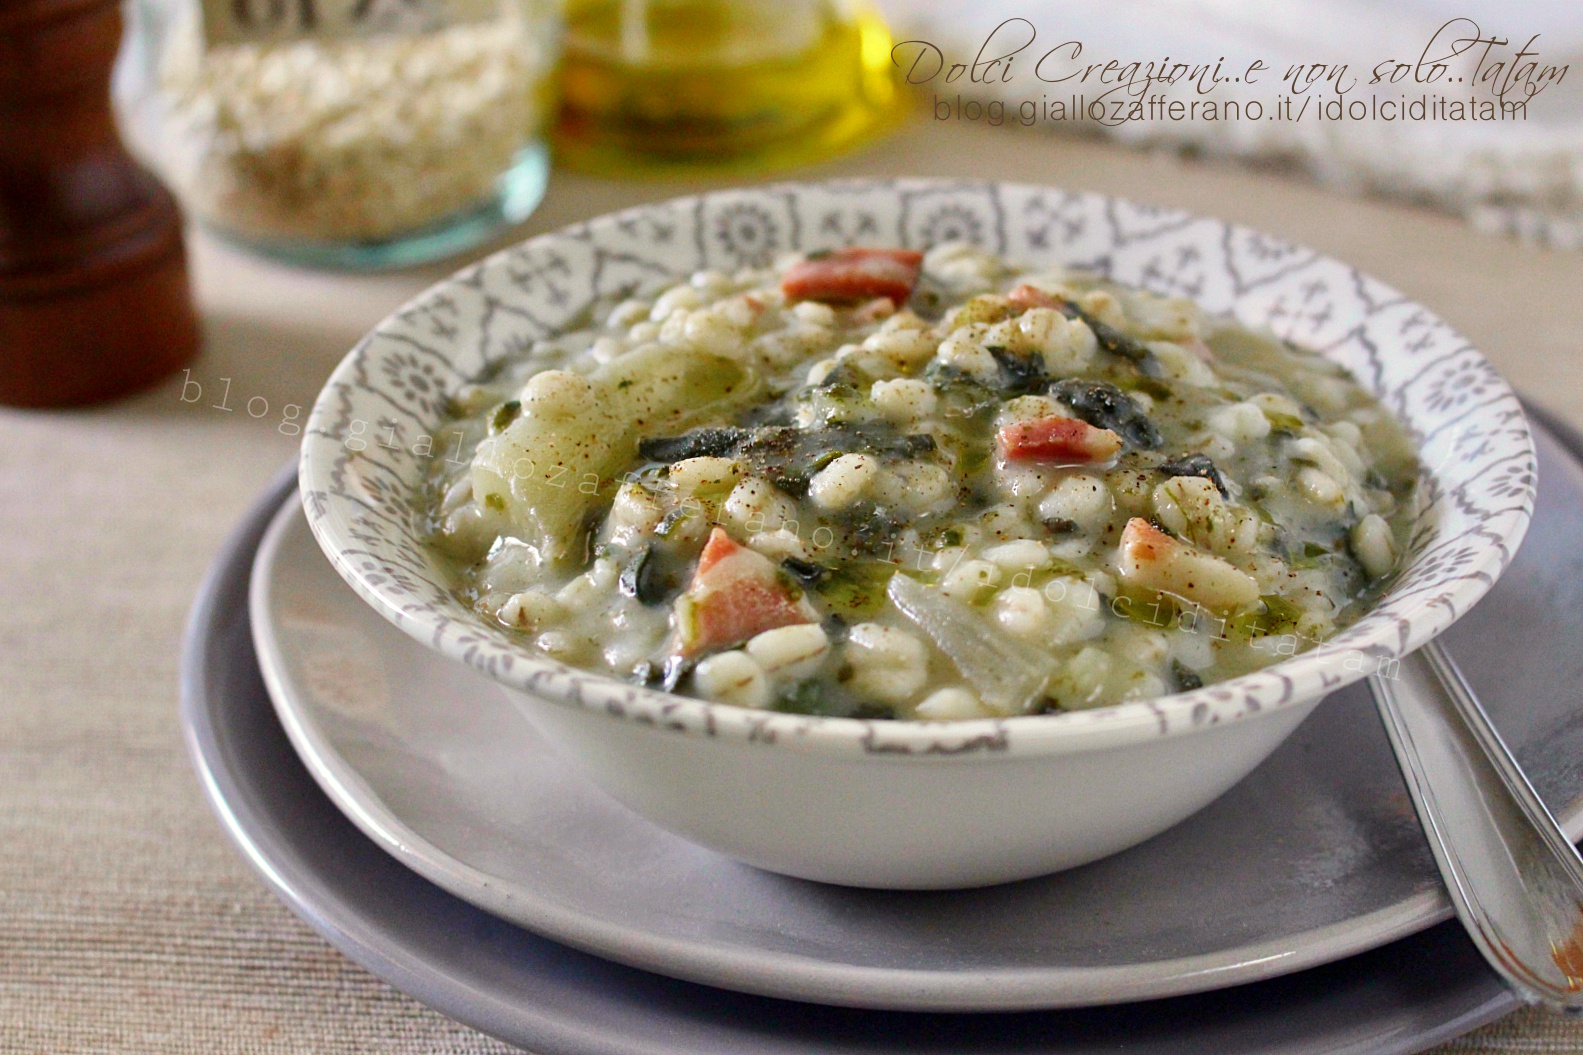 Zuppa di orzo con speck e bietole